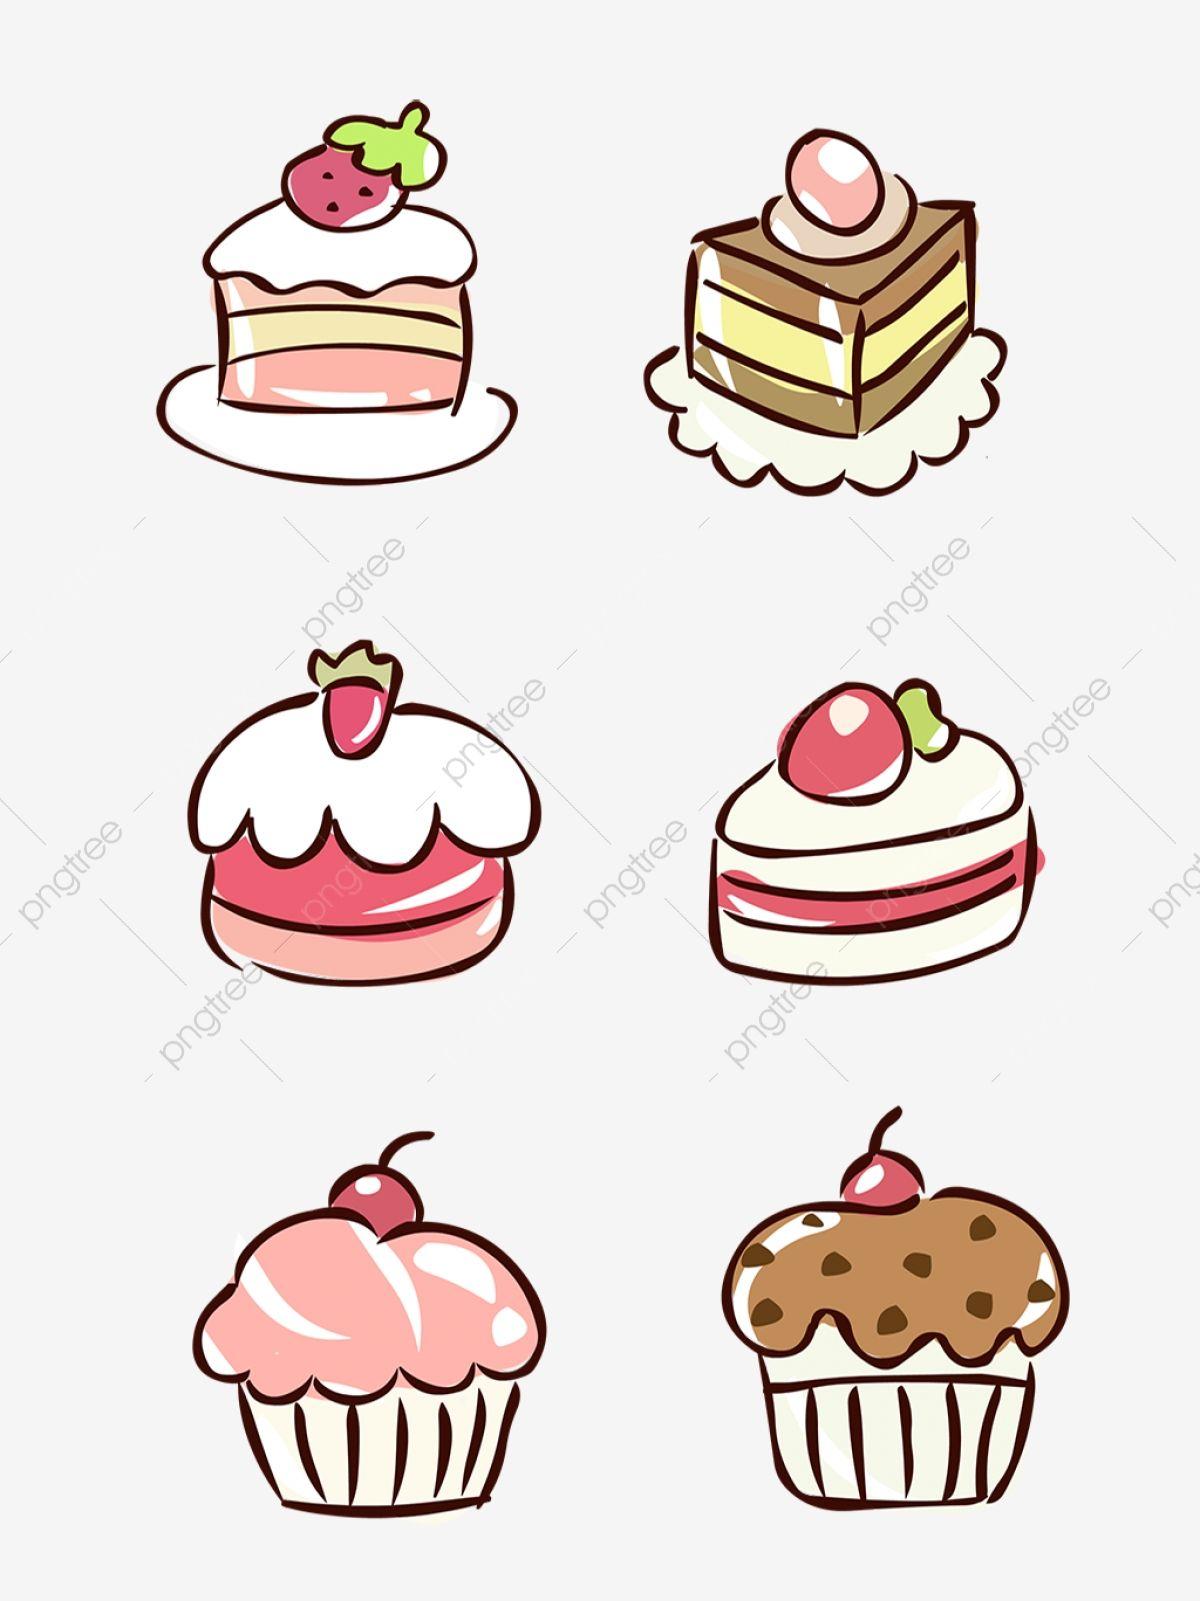 ของหวานน าร ก ของหวาน ขนม เค กภาพ Png และ เวกเตอร สำหร บการดาวน โหลดฟร Garabatos Lindos Dibujos Garabateados Logotipo De Cupcakes